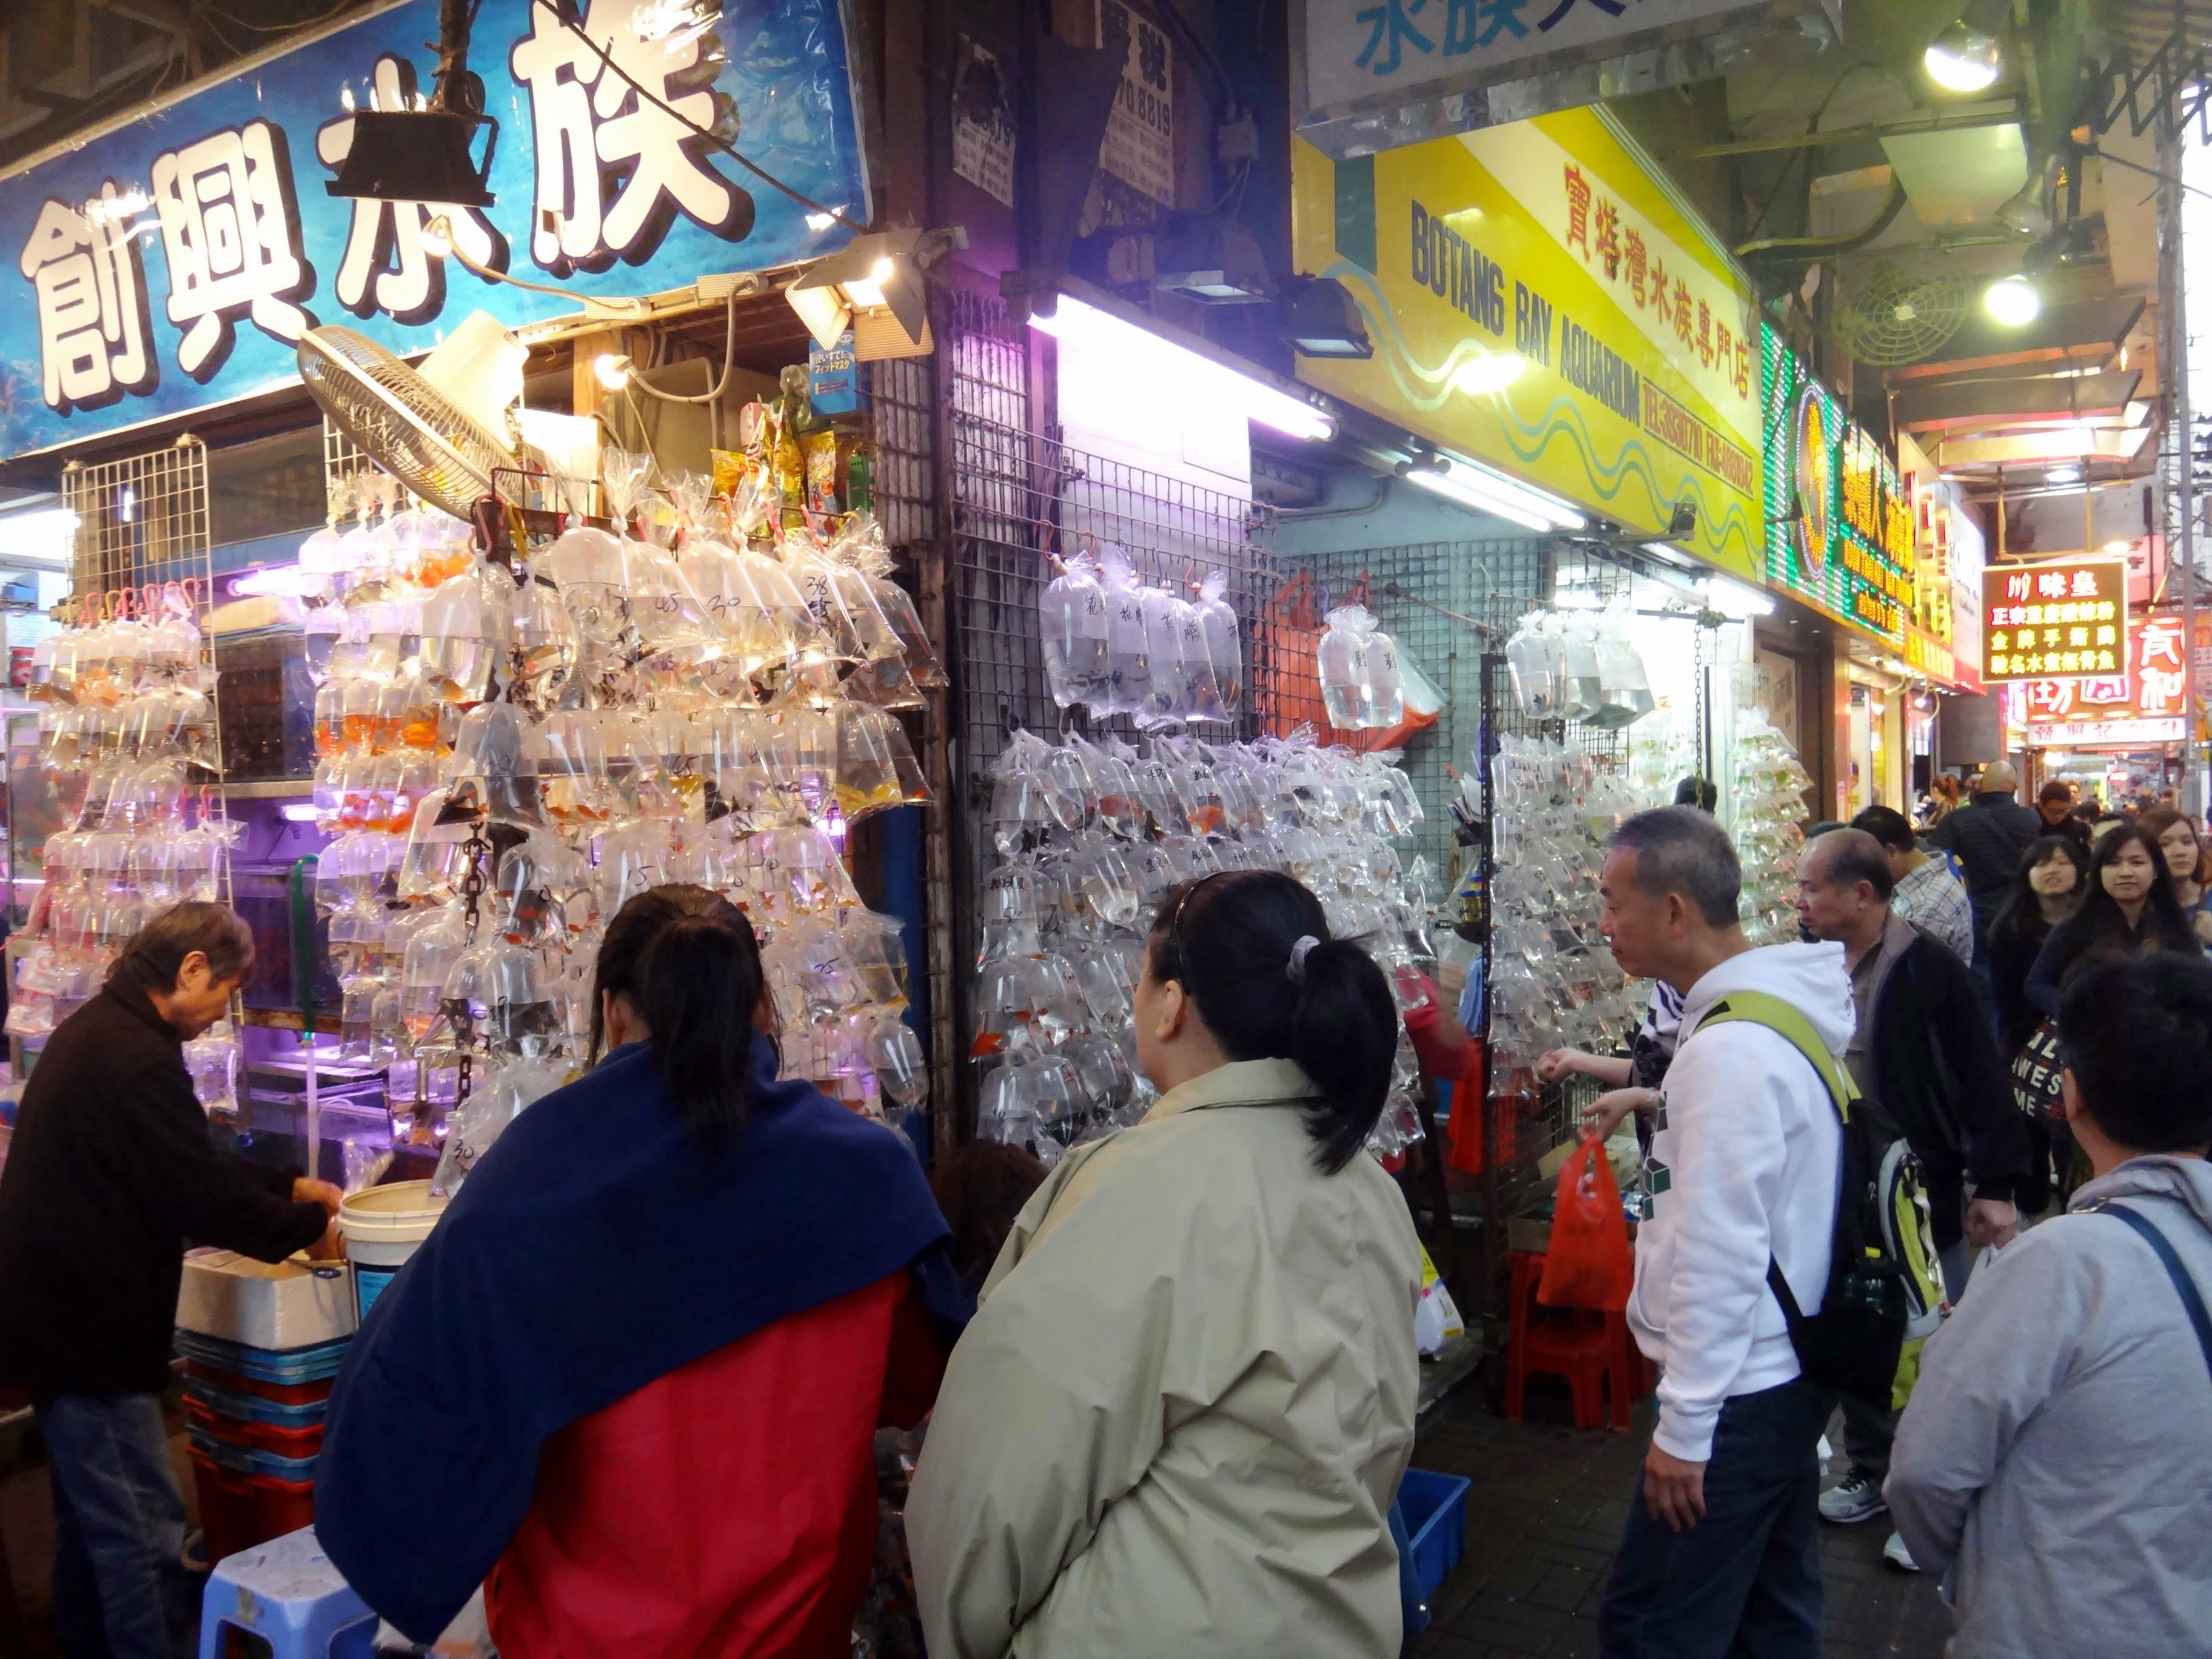 【香港自由行】旺角逛街指南!買衣買鞋還能買金魚 旺角特色街道攻略 - Klook Travel Blog